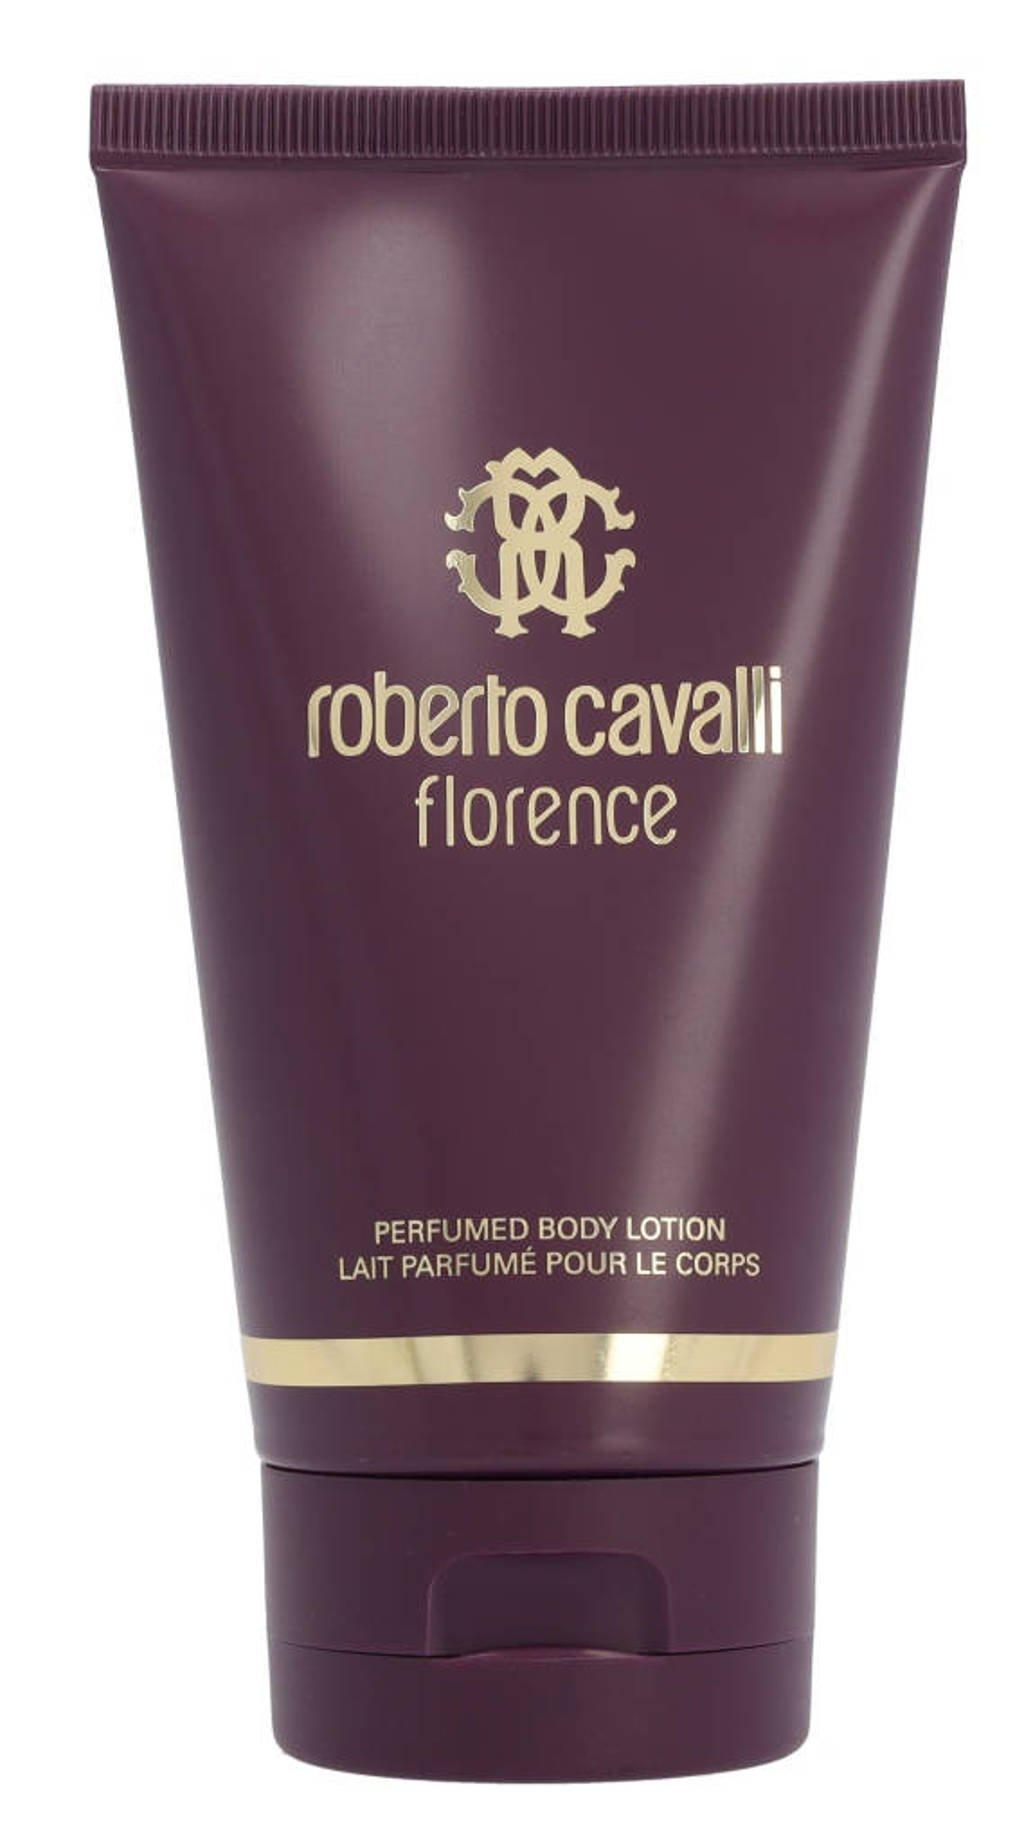 Roberto Cavalli Florence bodylotion